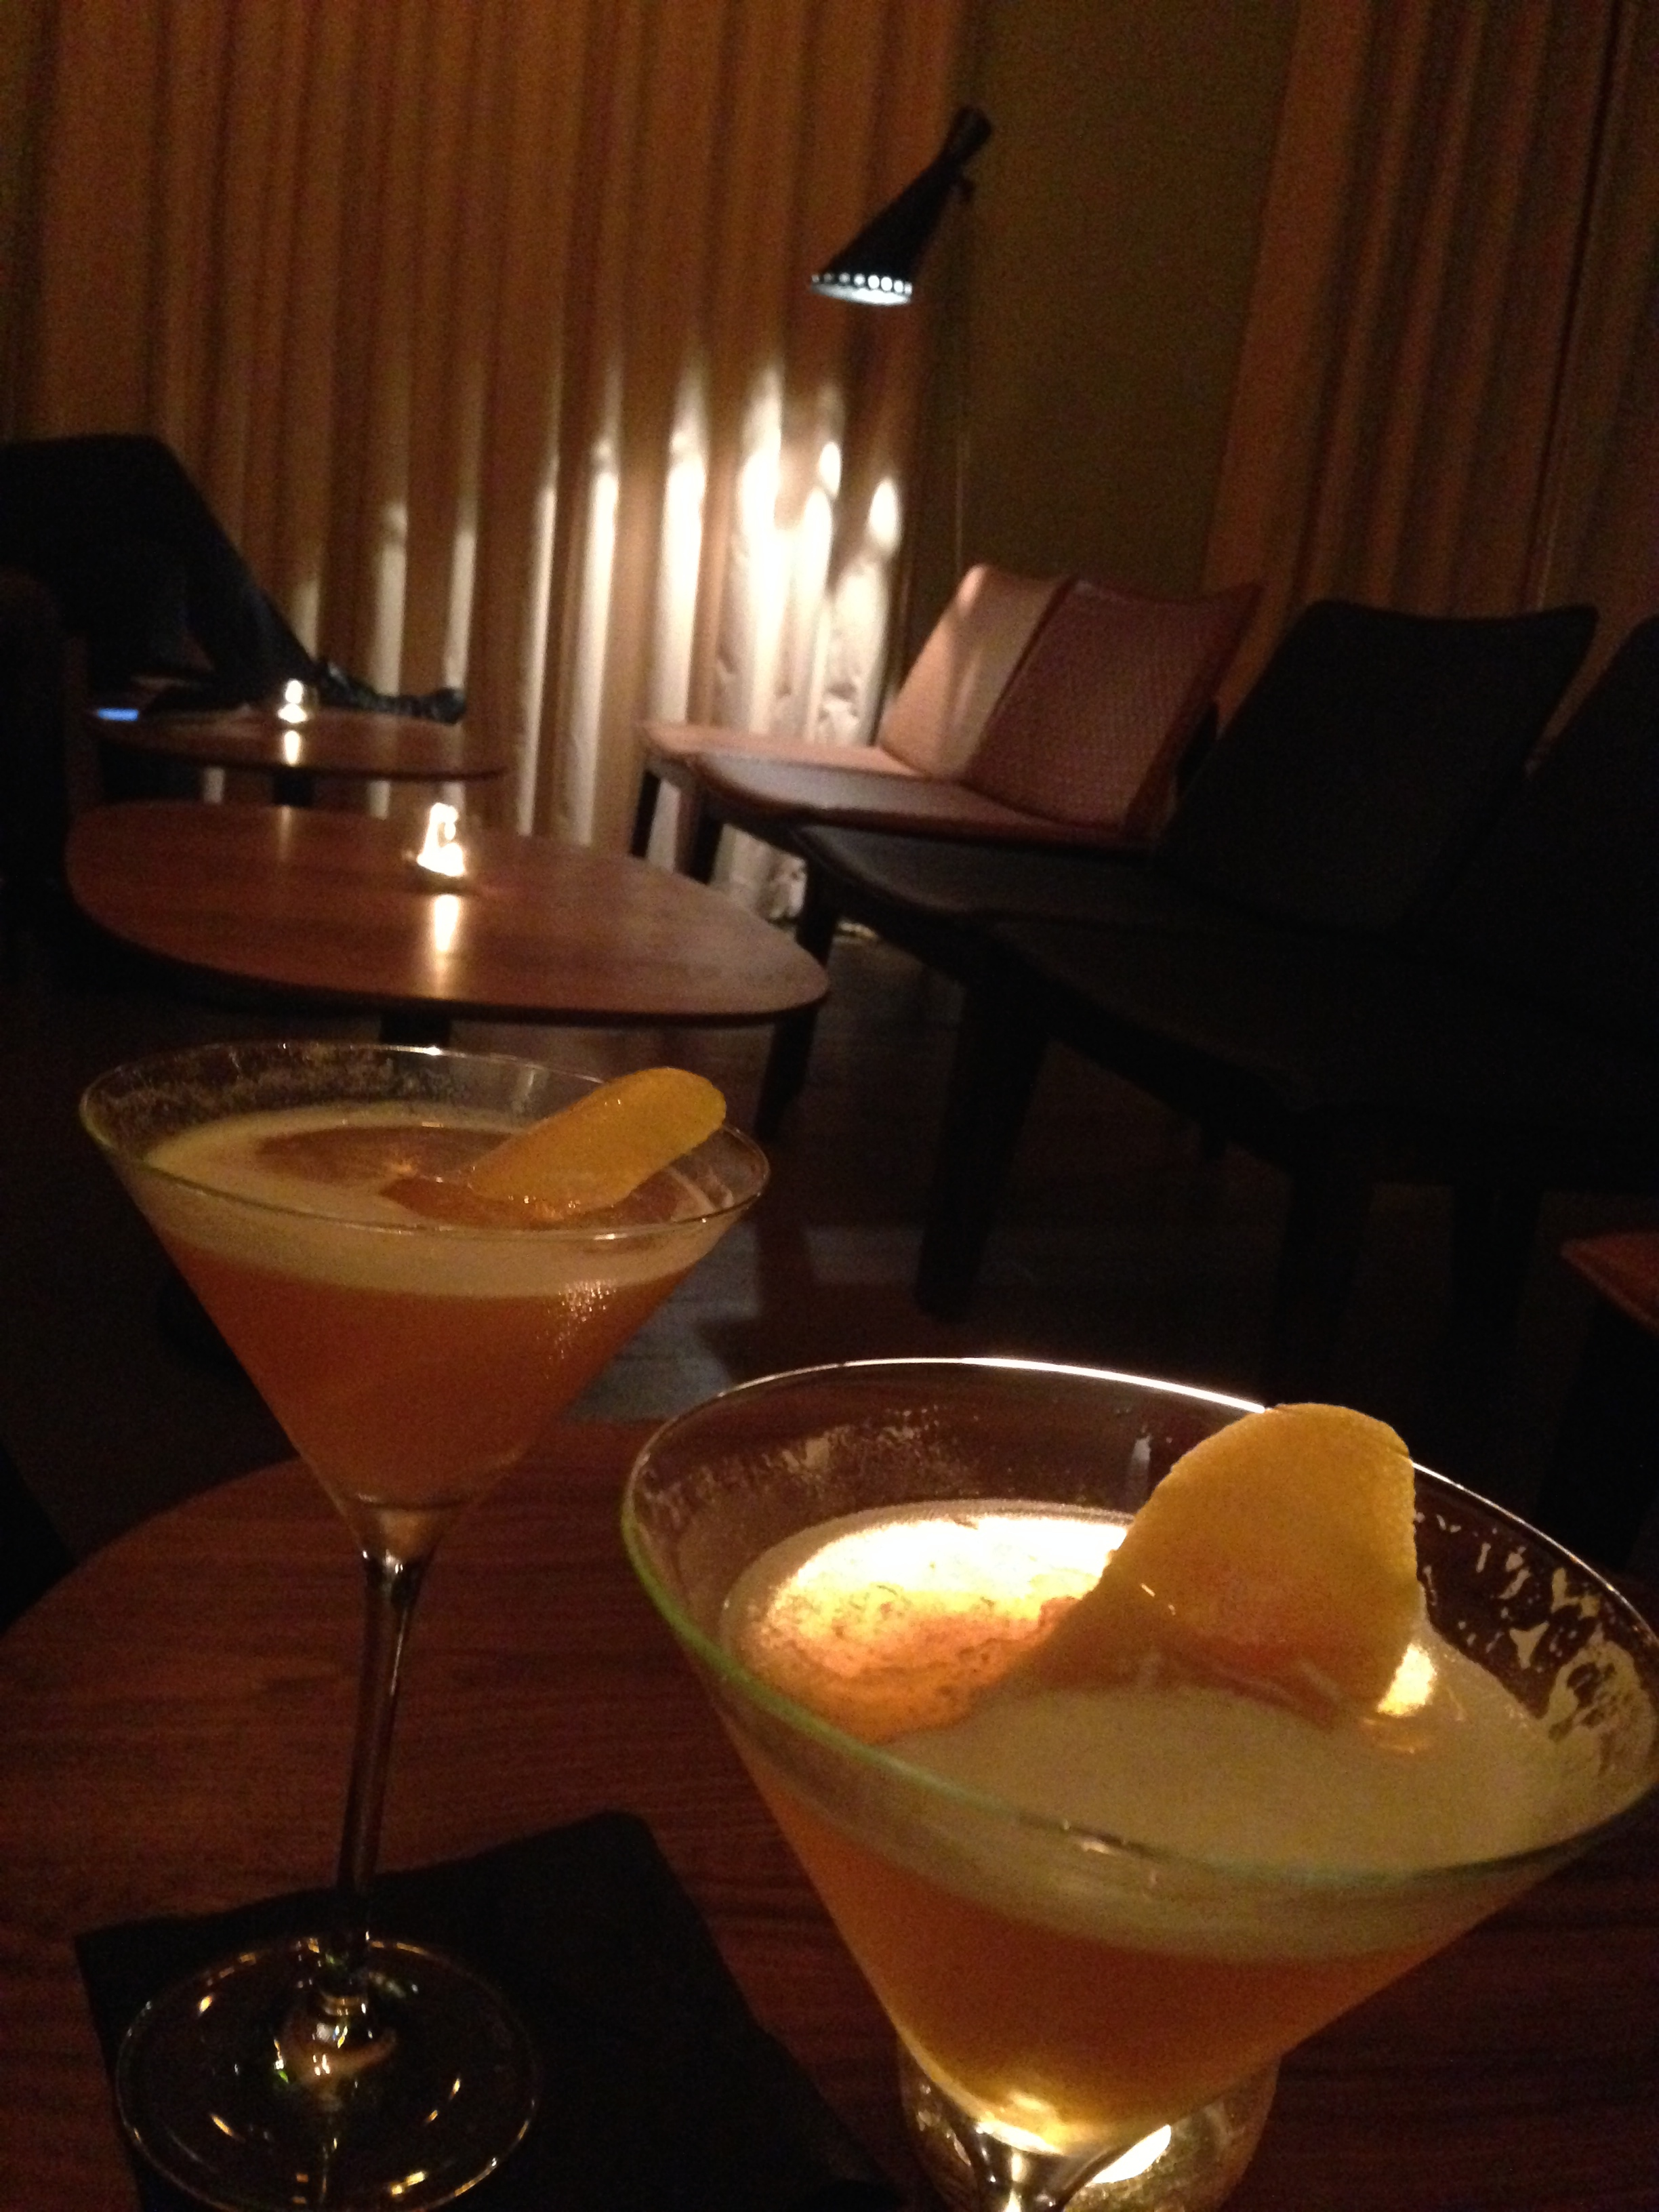 Rémy Martin Cocktails